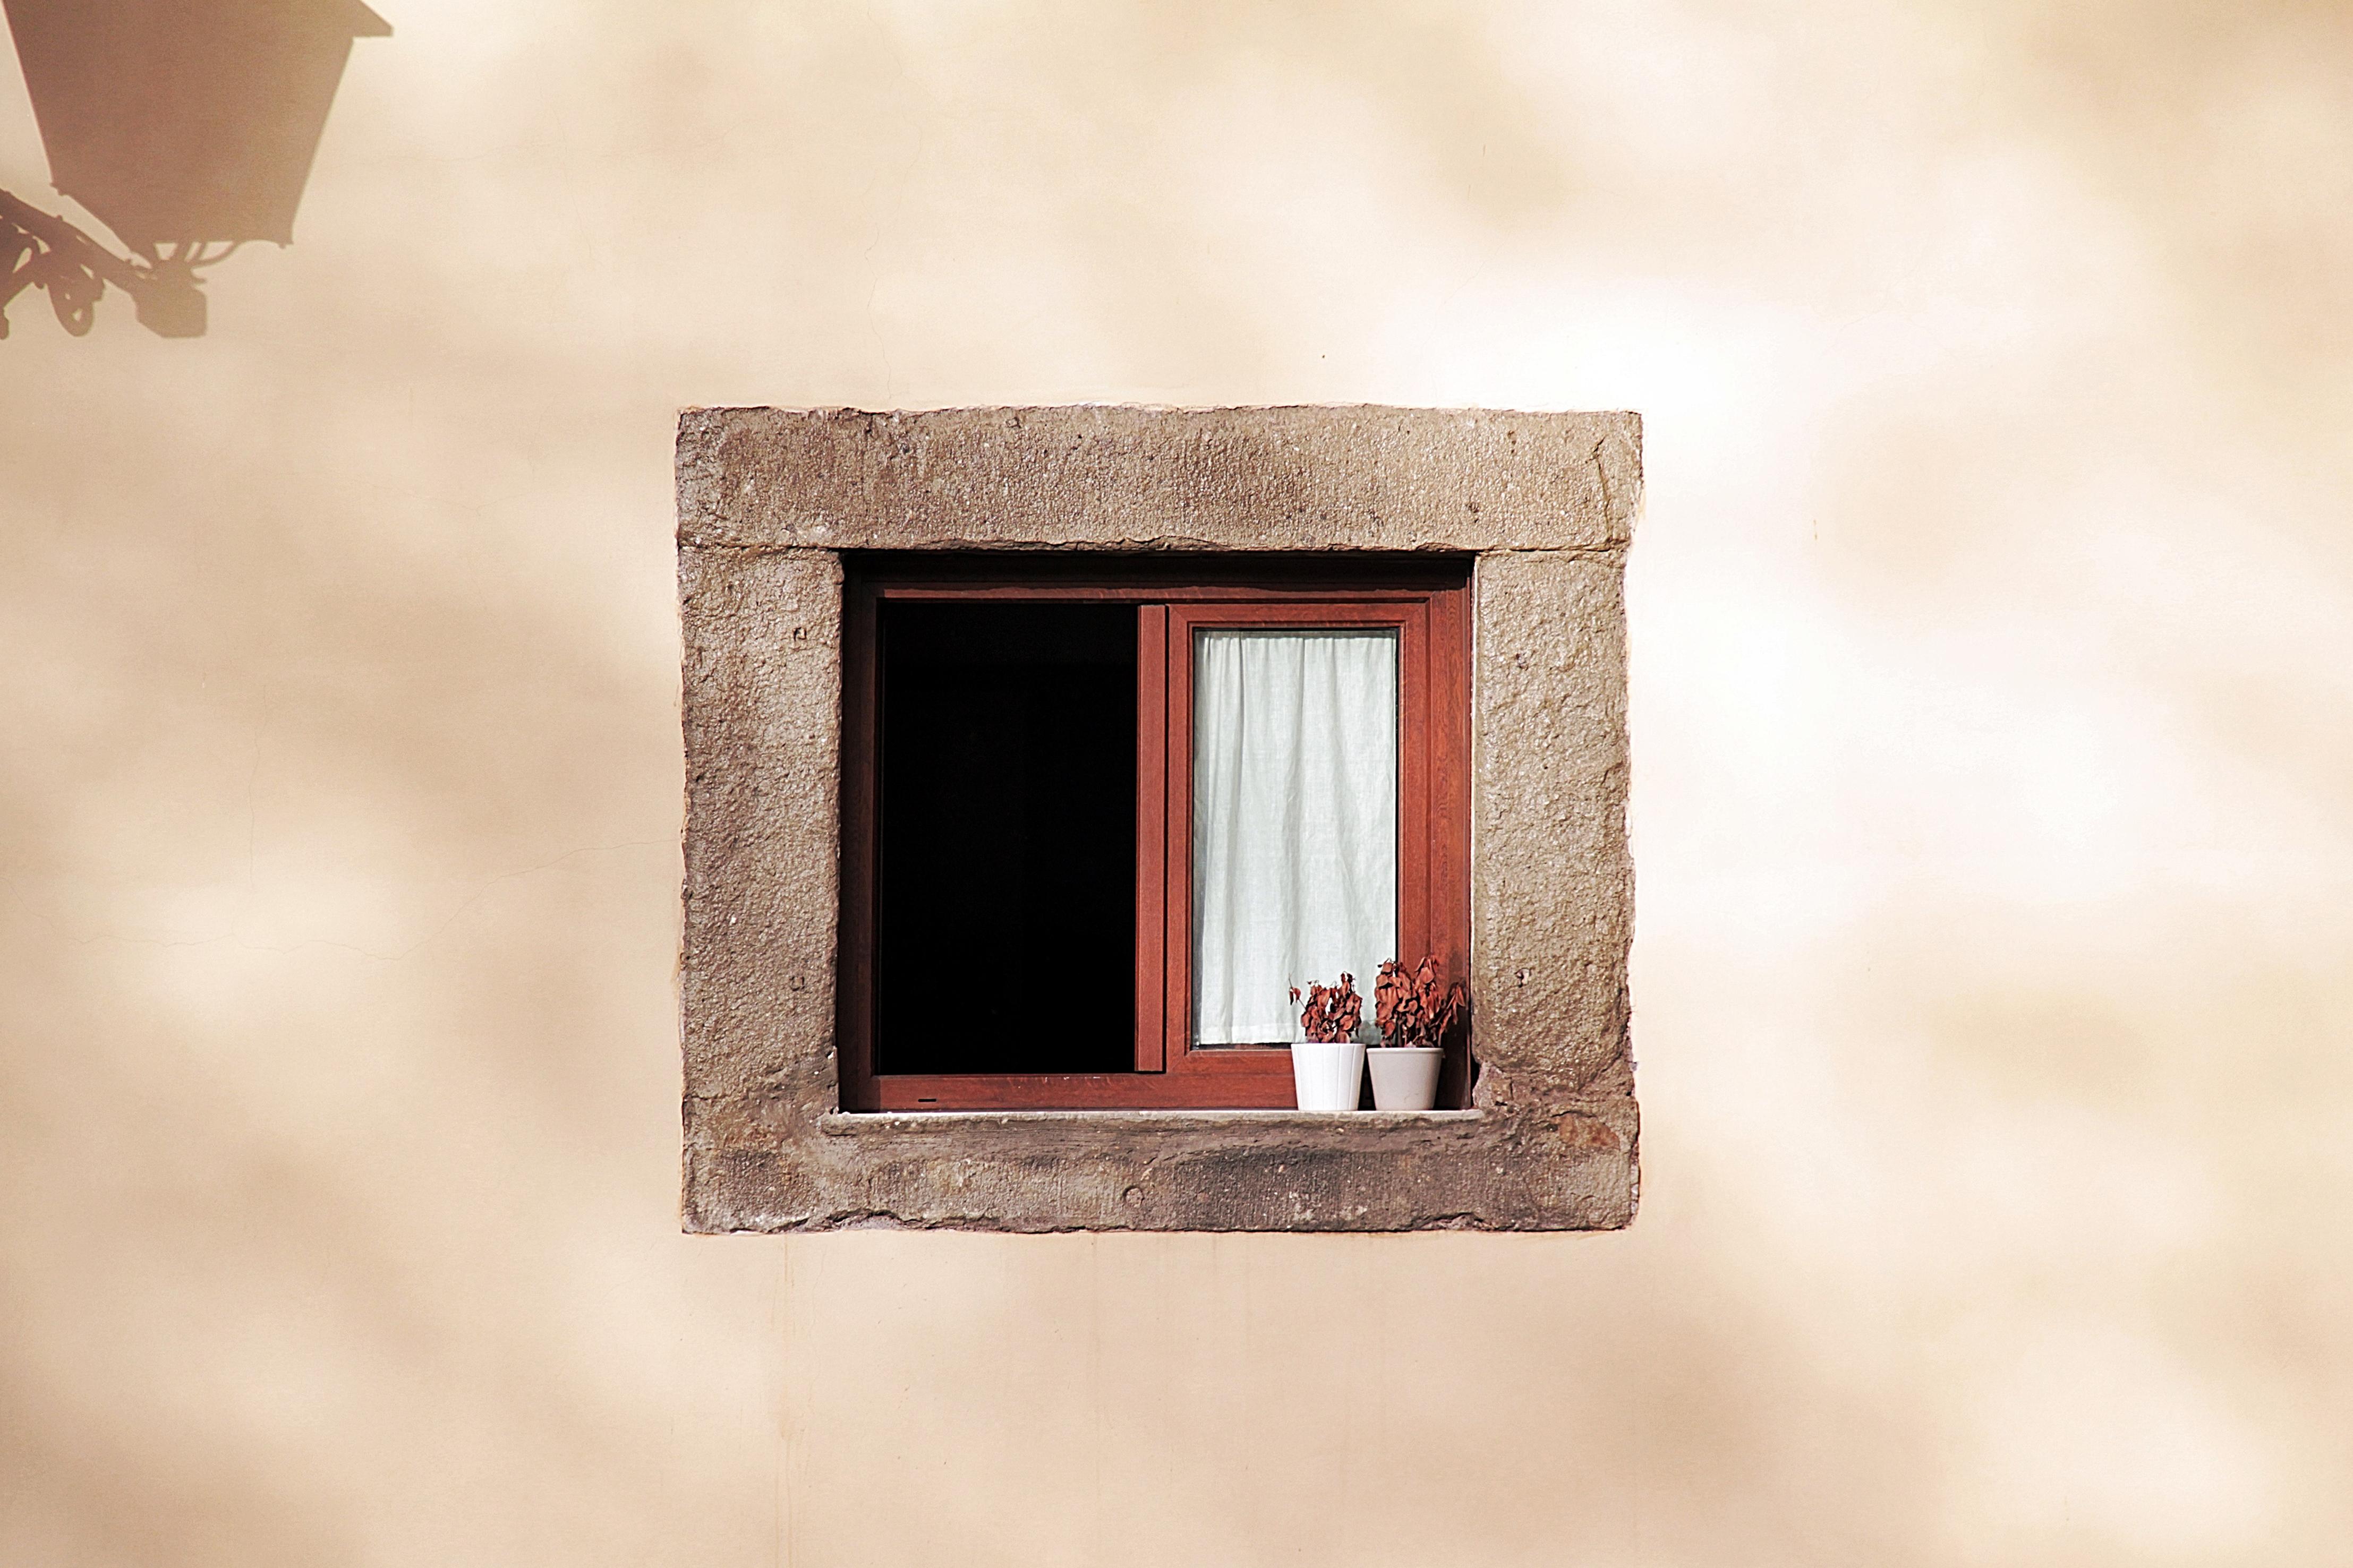 Fondos de pantalla : Ventana, centrado, maceta, ventana, Simetría ...